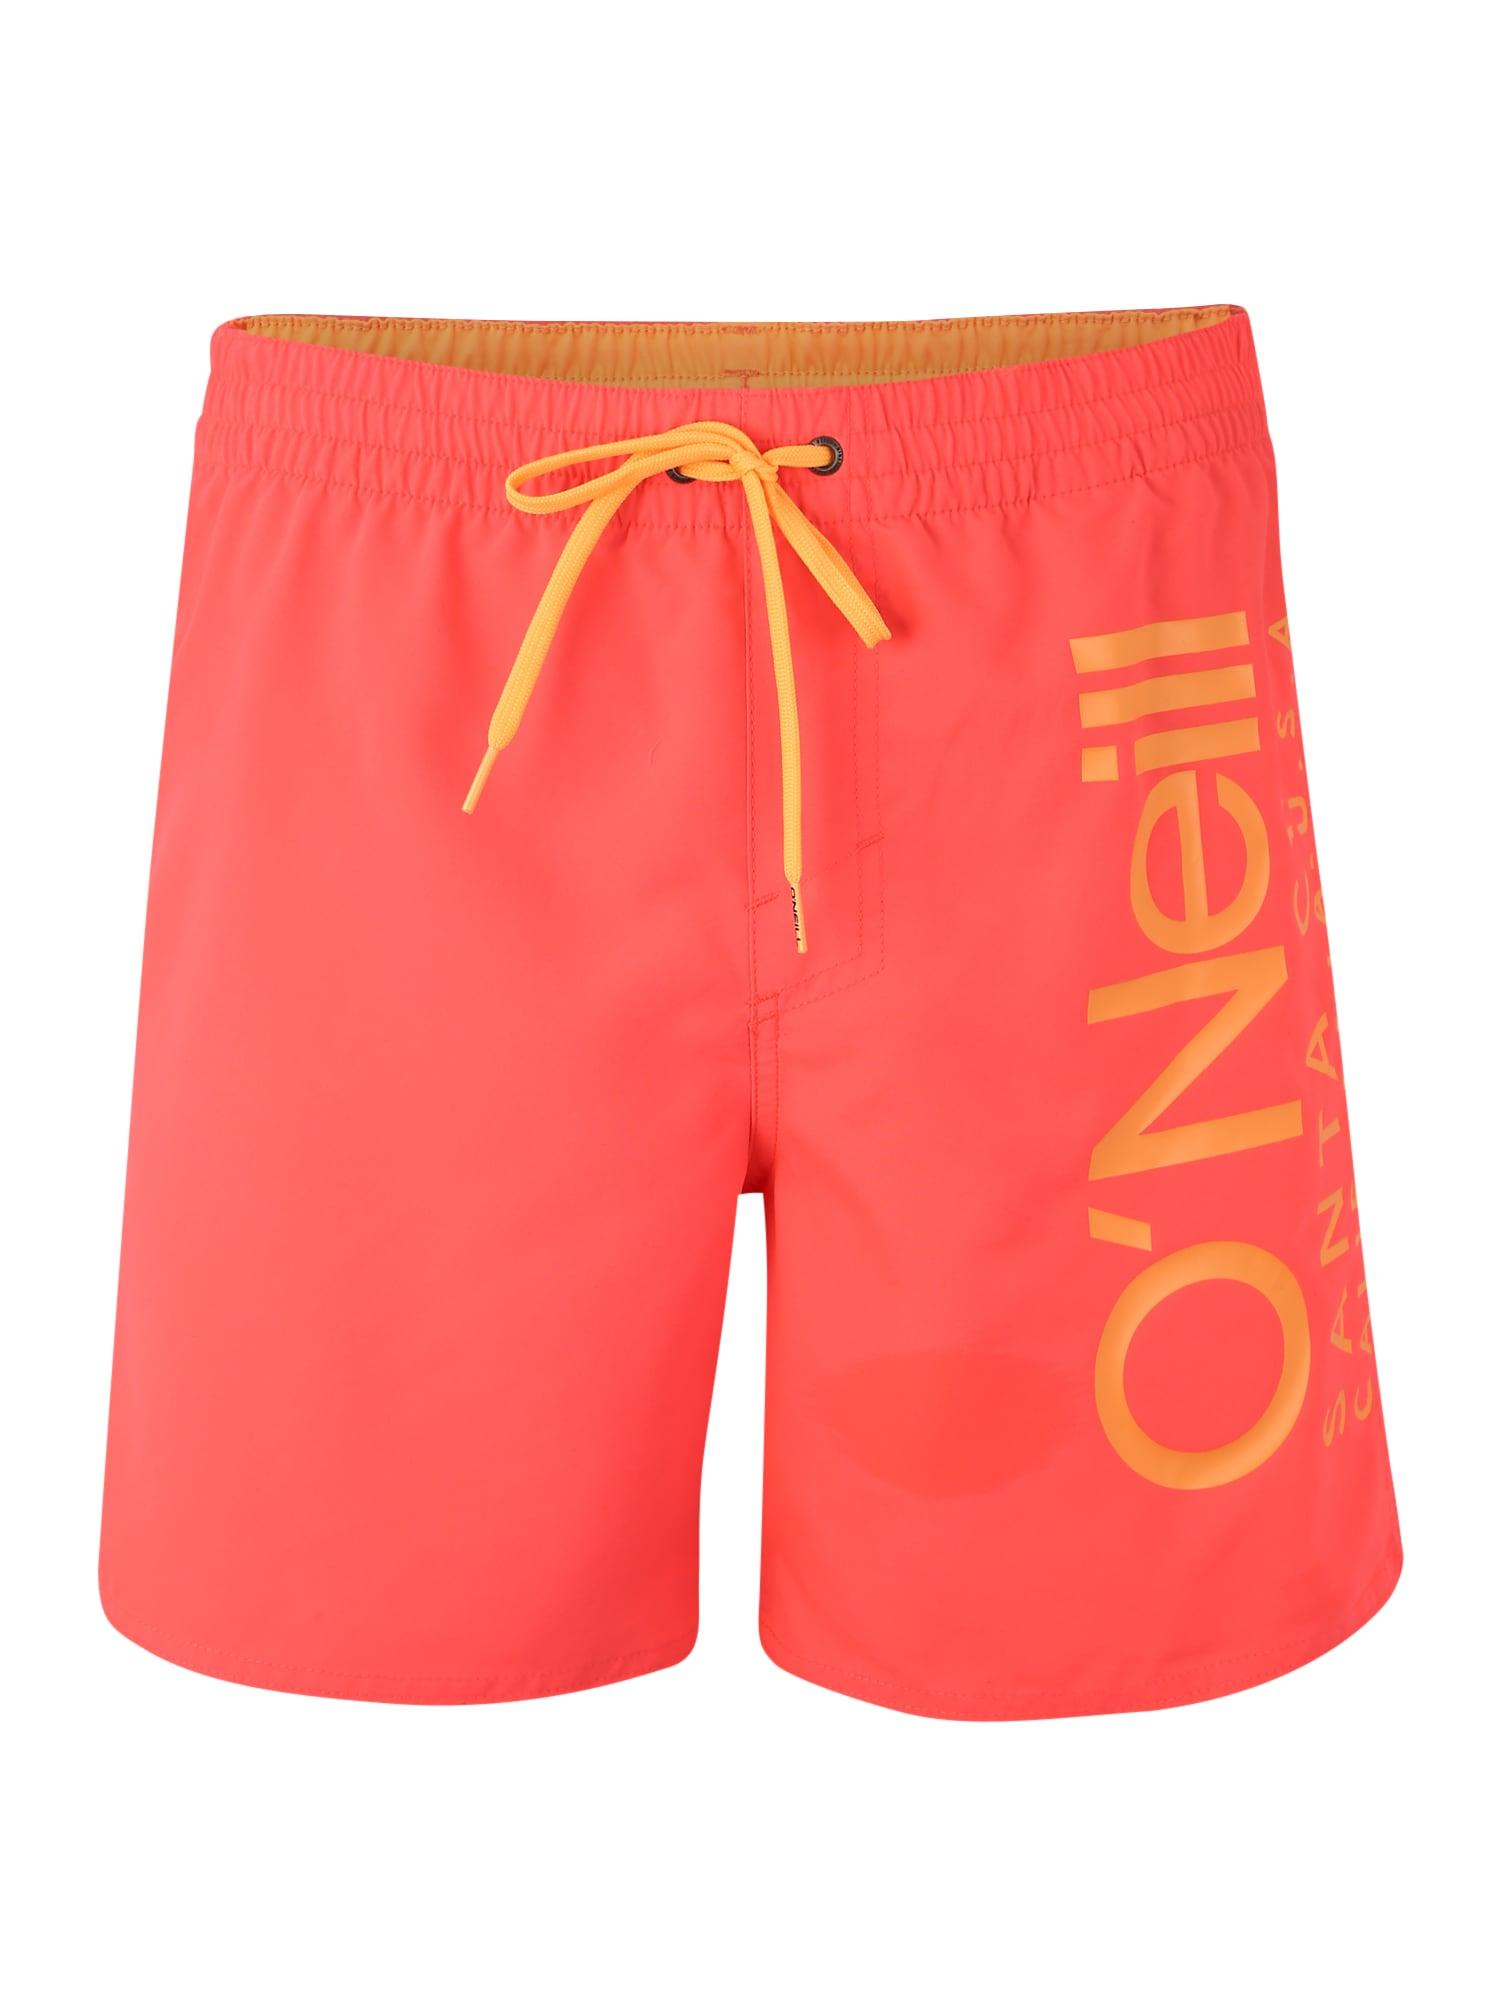 ONEILL Sportovní plavky PM ORIGINAL CALI oranžová pink O'NEILL